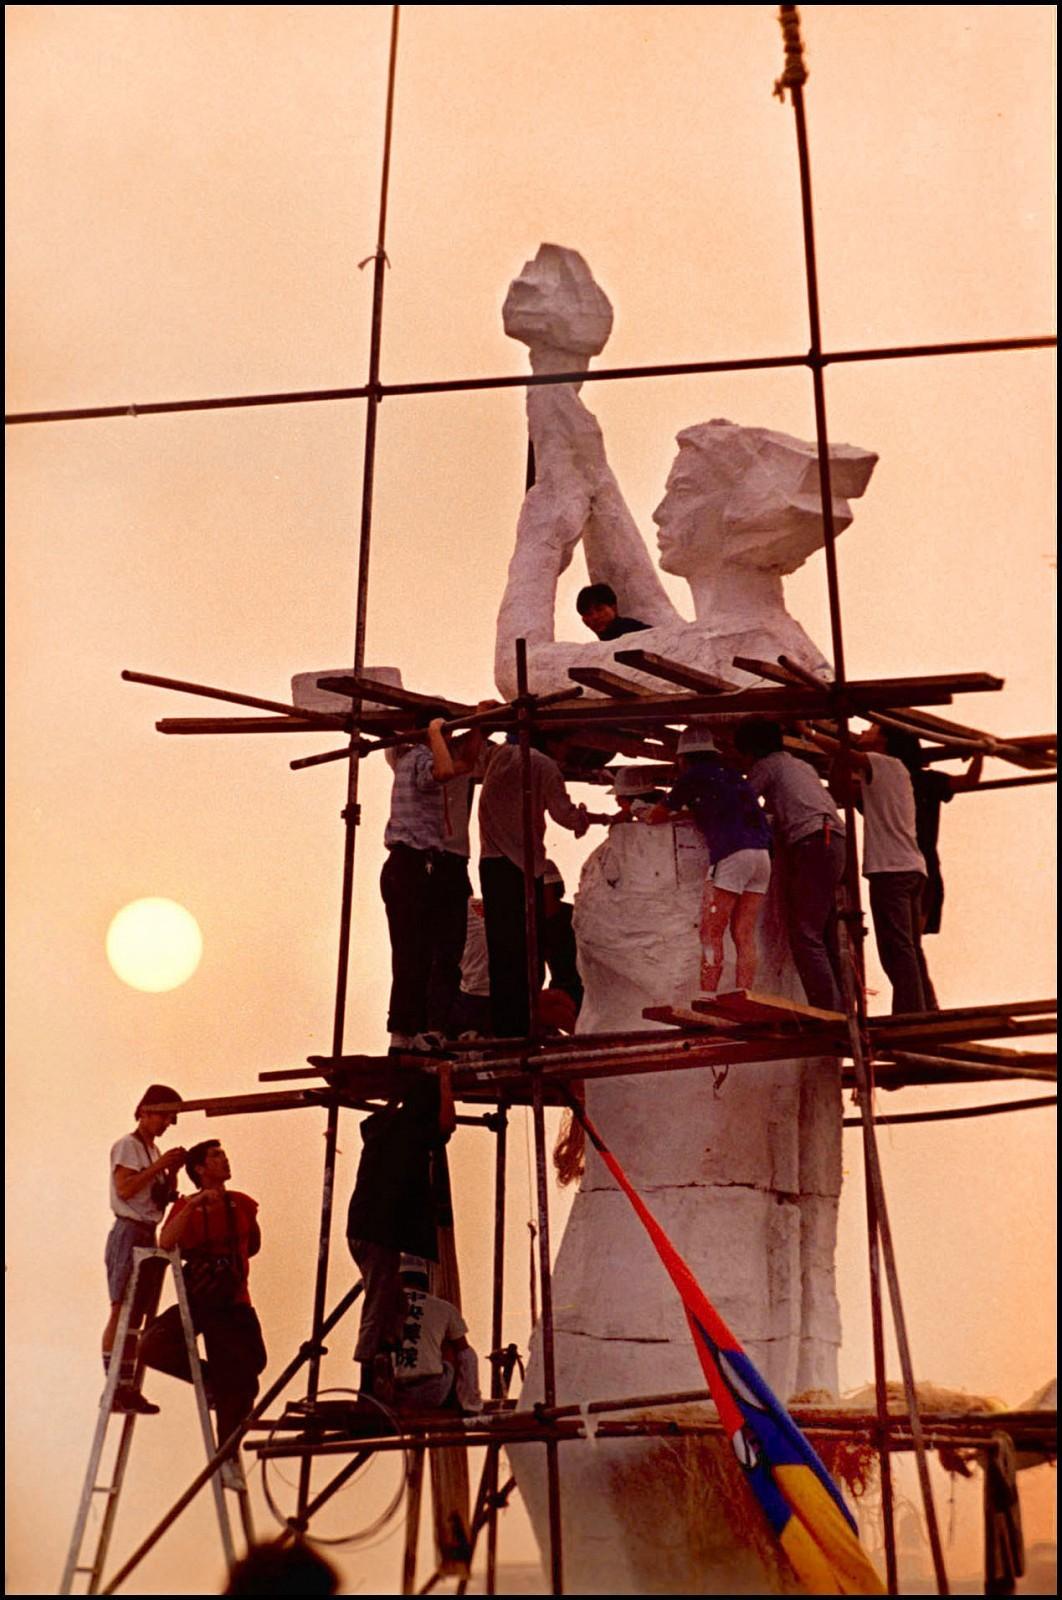 """Estudantes erguem a """"Deusa da Democracia"""", na Praça da Paz Celestial, durante manifestações na China, em 1989"""